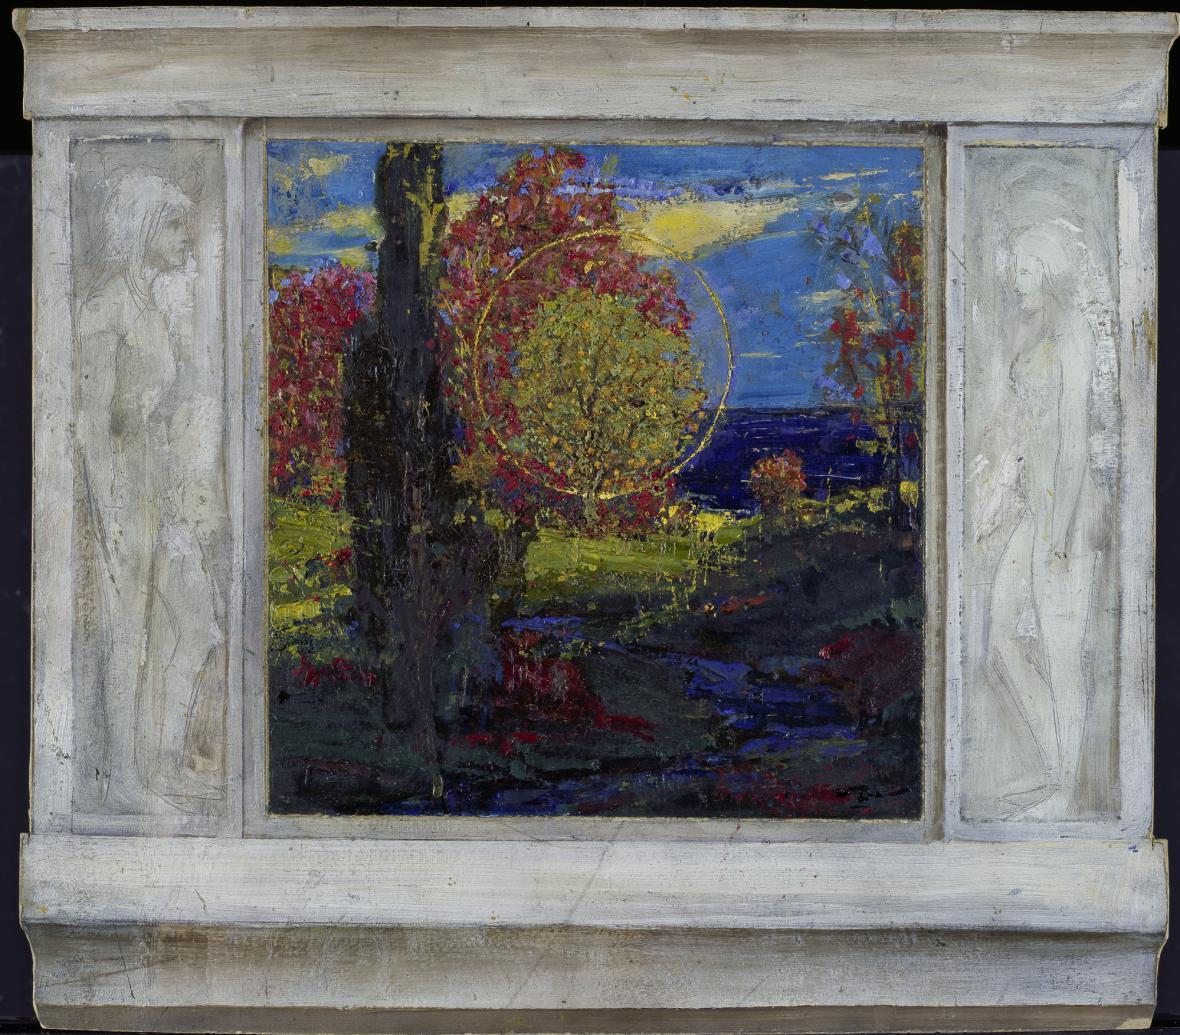 Richard Riemerschmid / studie k obrazu Rajská zahrada, 1896